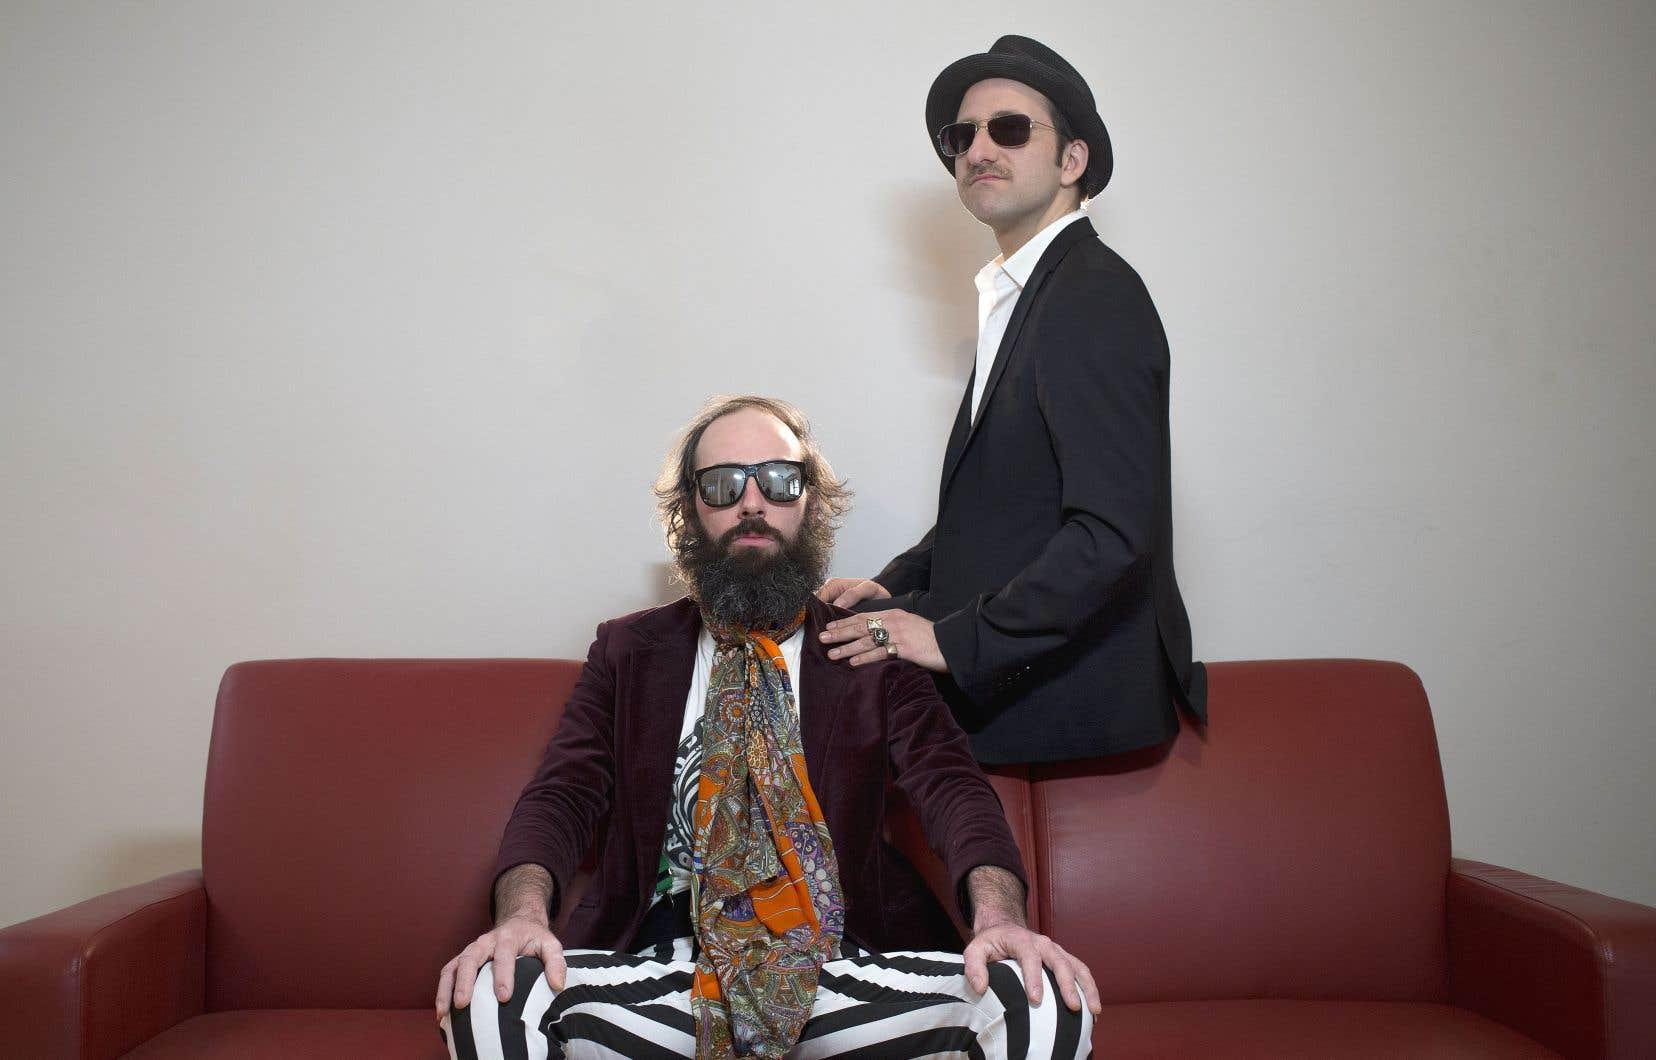 Avec ses personnages de rock stars décadentes, le duo Sèxe Illégal flirte sans cesse avec la limite séparant le bon goût de son contraire et rappelle, par le fait même, que la vulgarité est en ce monde d'abord l'affaire des puissants.